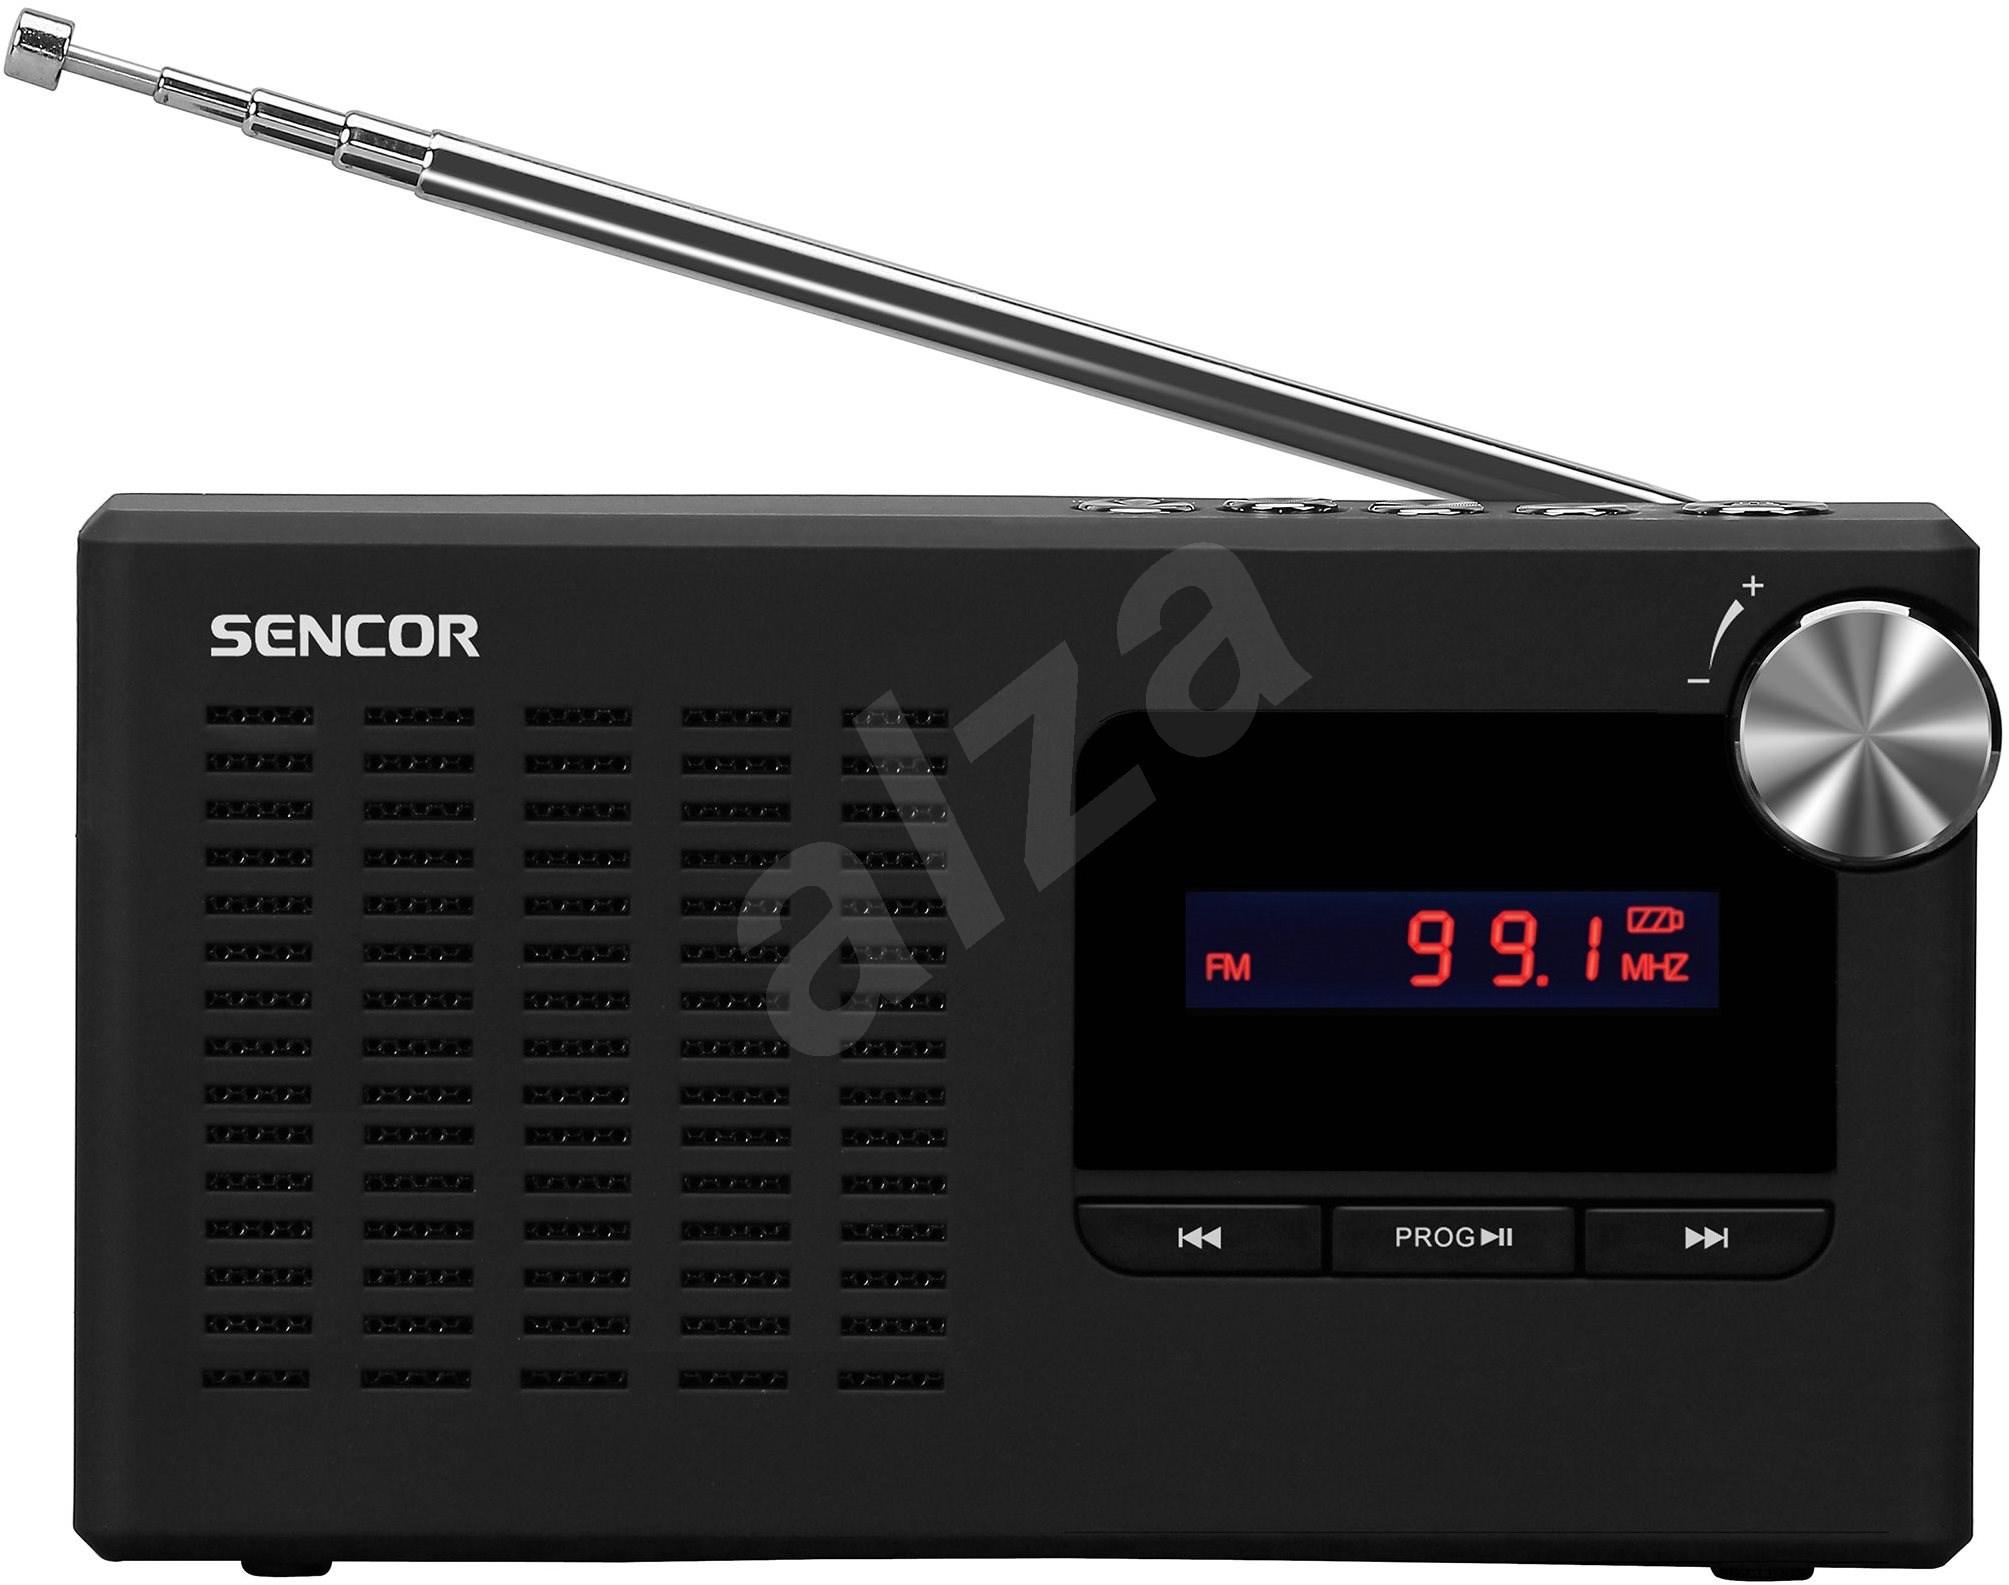 Sencor SRD 2215 - Rádió